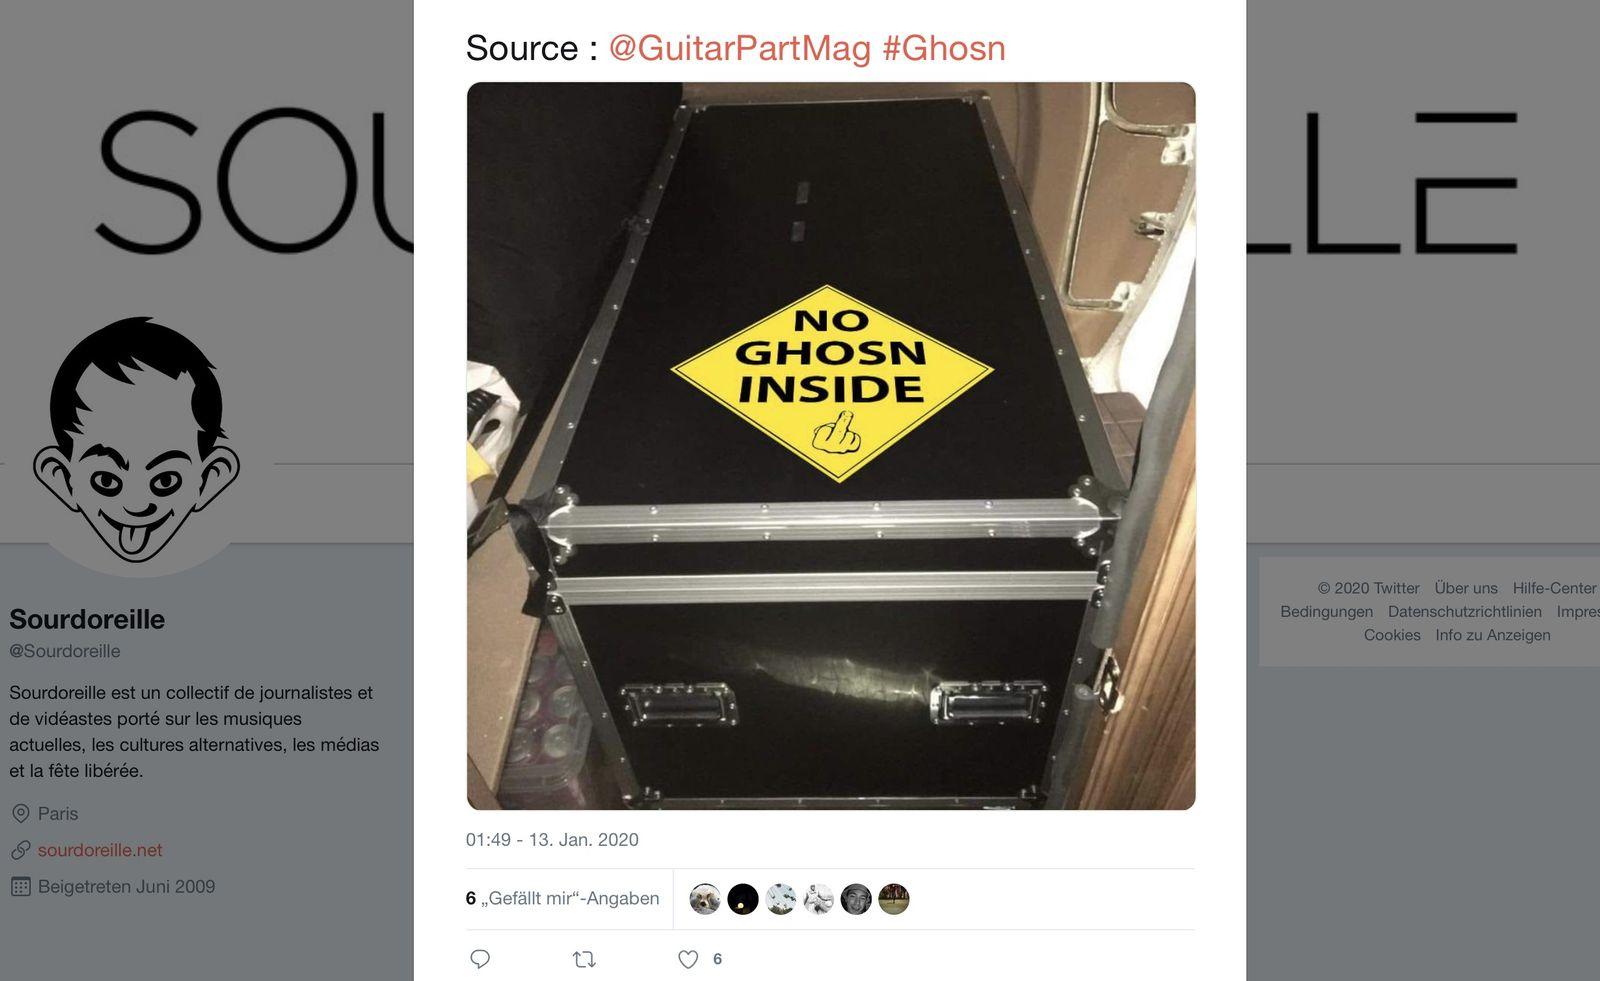 @GuitarPartMag #Ghosn